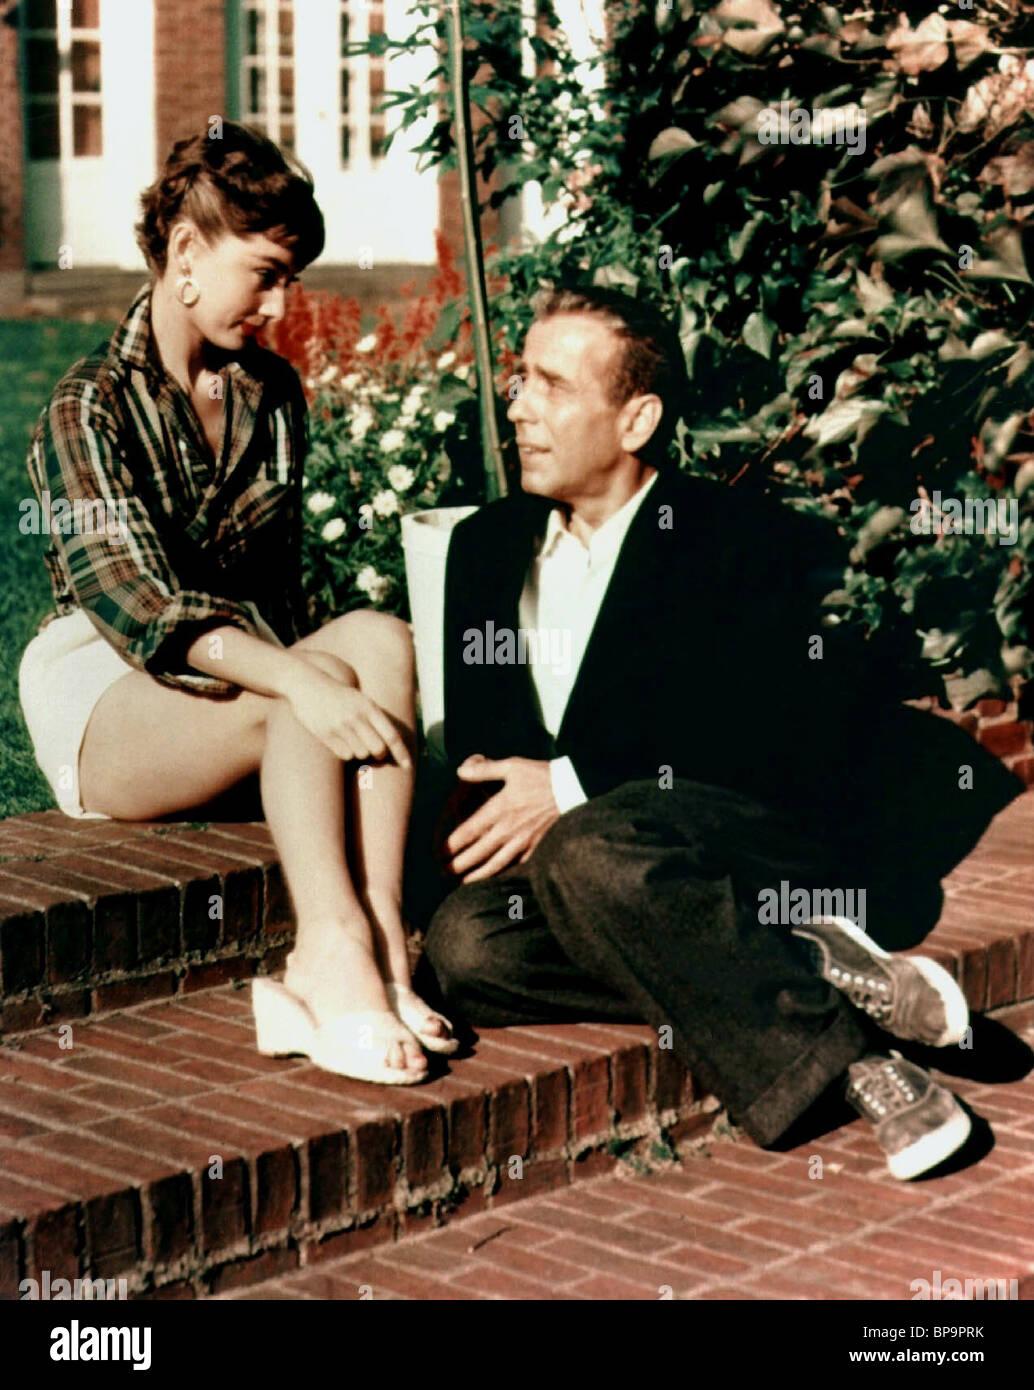 Humphrey Bogart Sabrina 1954 Stock Photos & Humphrey ...